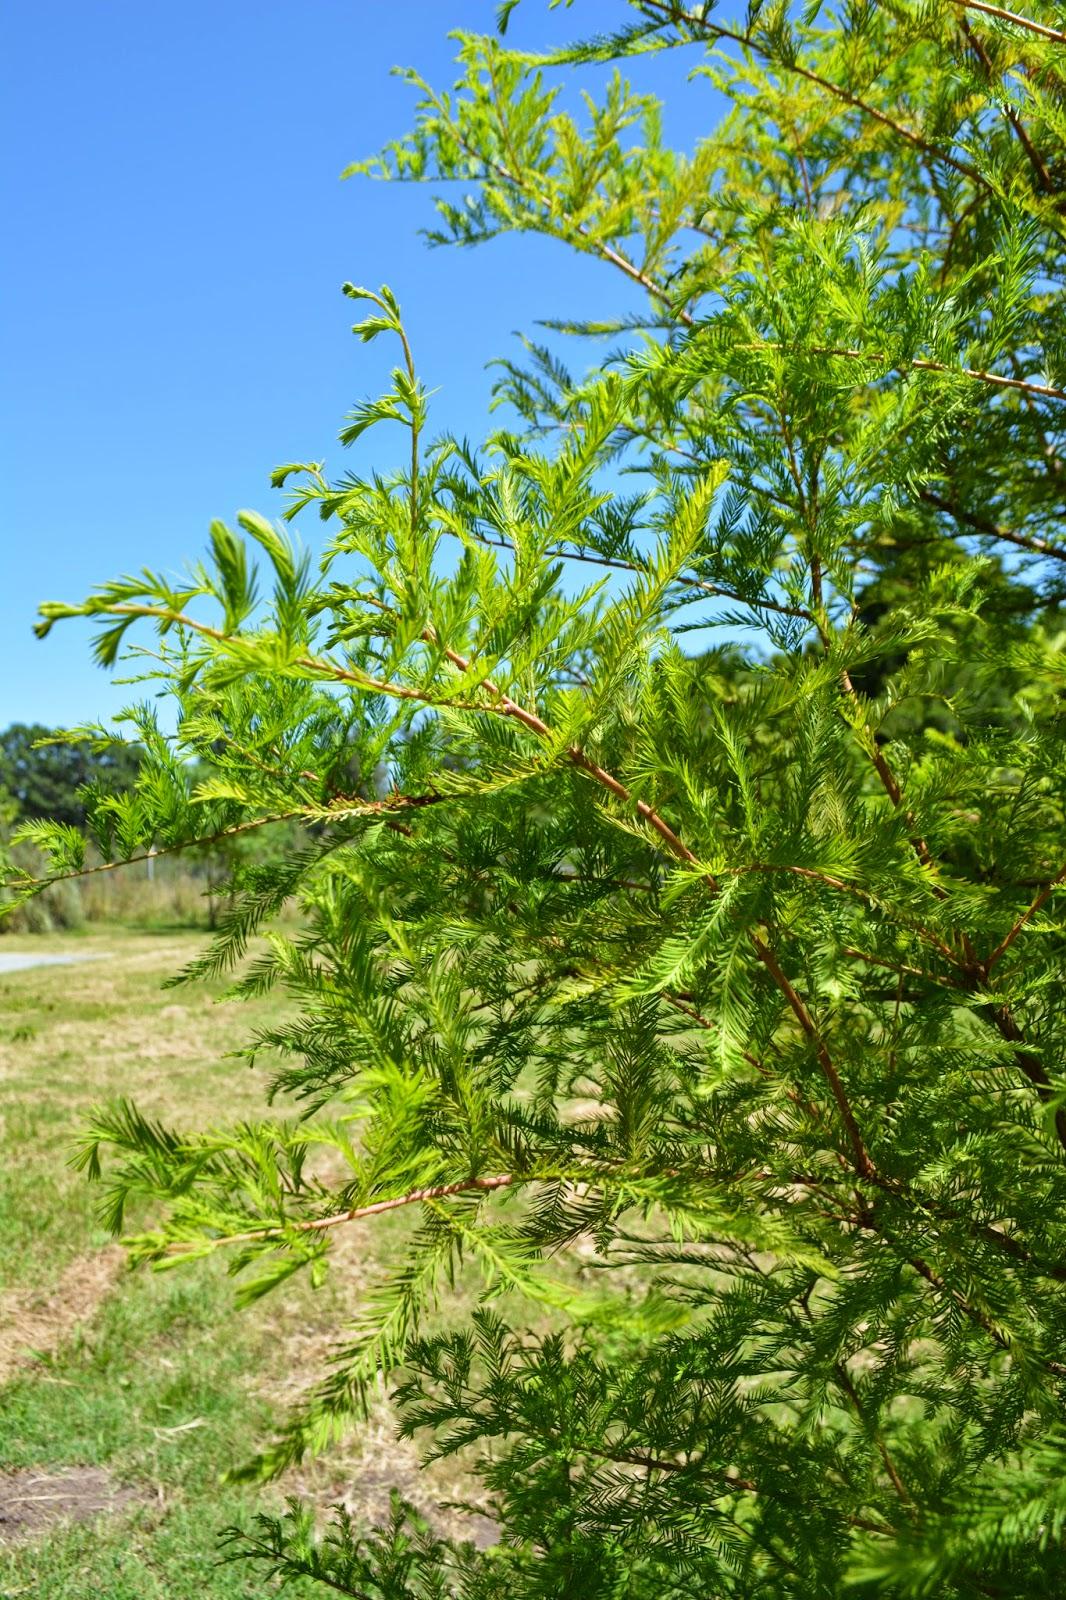 Ciprés calvo. Taxodium.